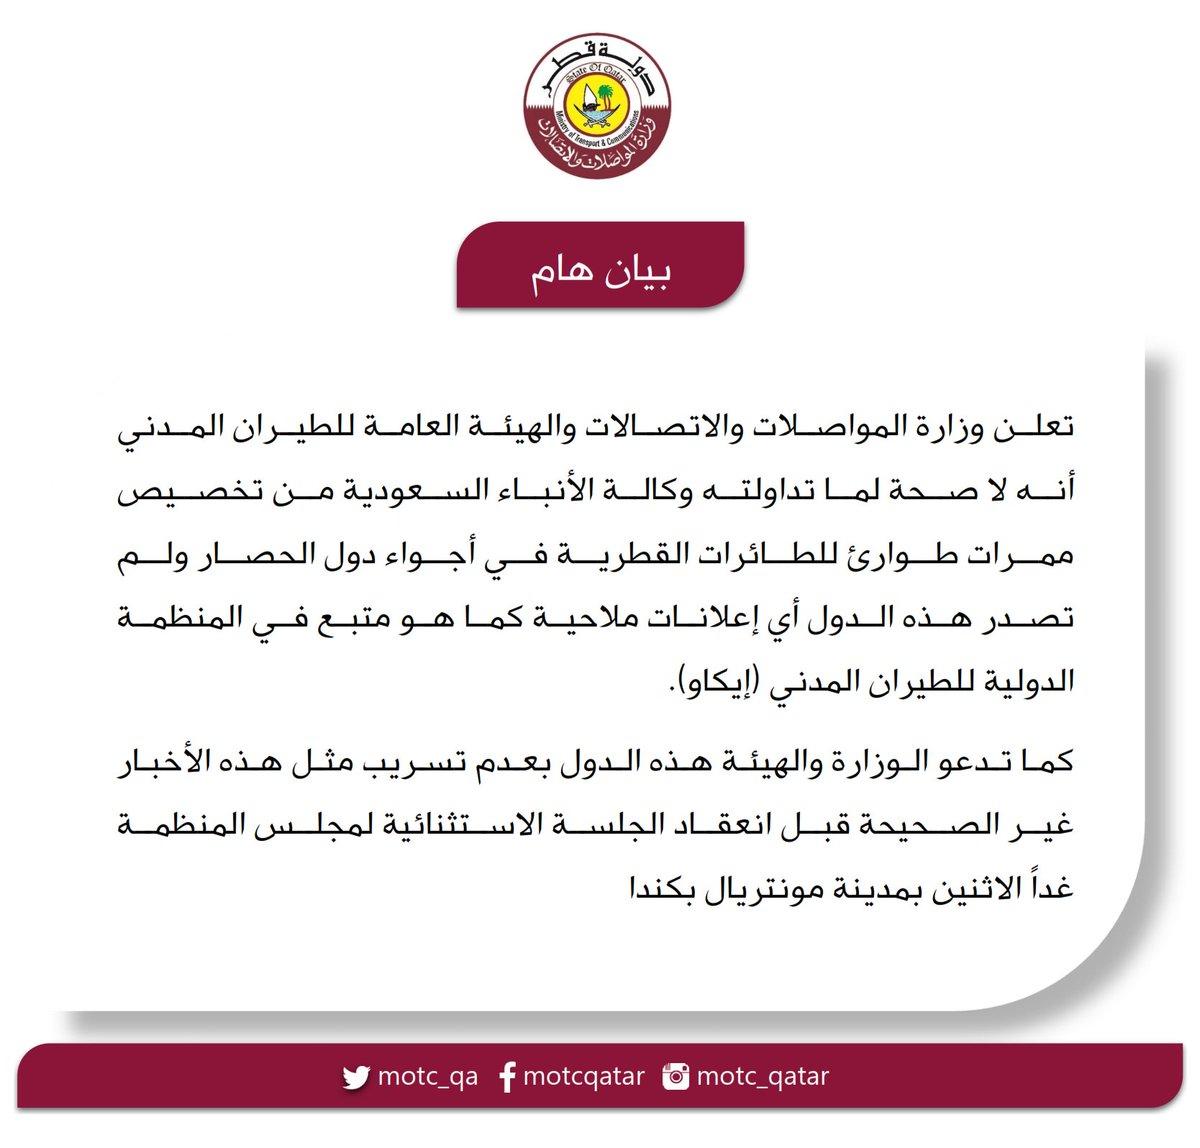 بيان هام بشان عدم صحة ما تداولته وكالة الأنباء السعودية من تخصيص ممرات طوارئ للطائرات القطرية في أجواء دول الحصار https://t.co/uZ7YWWI10g